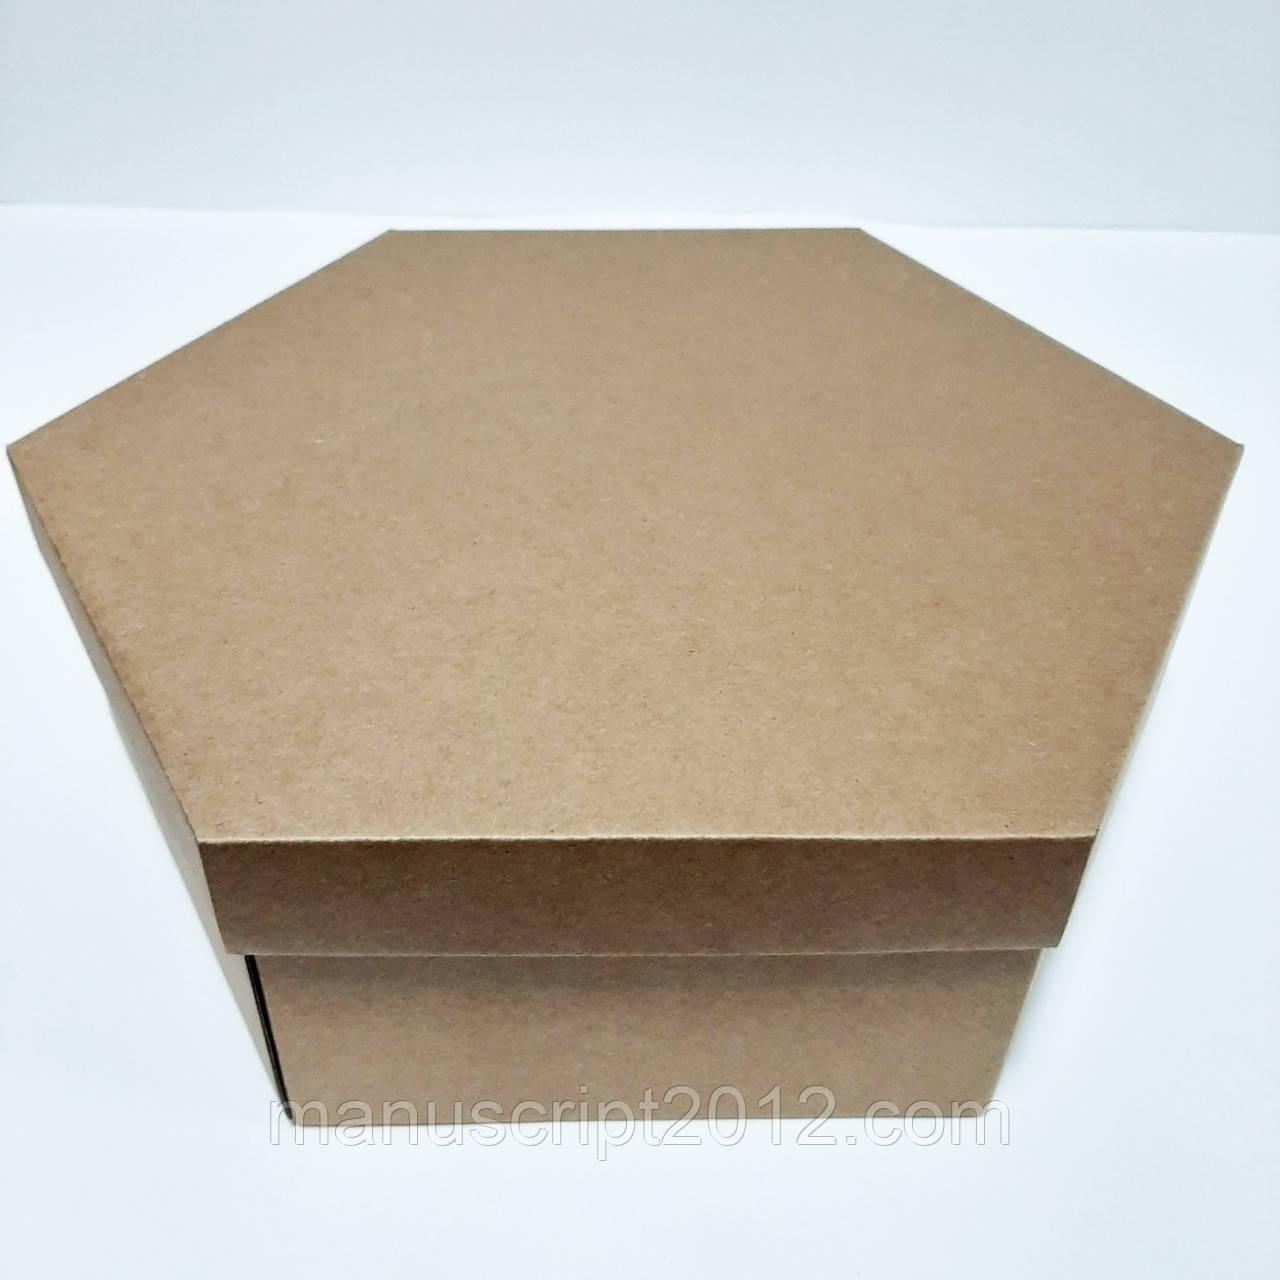 Упаковка большая картонная с крышкой 300х360х100 мм.